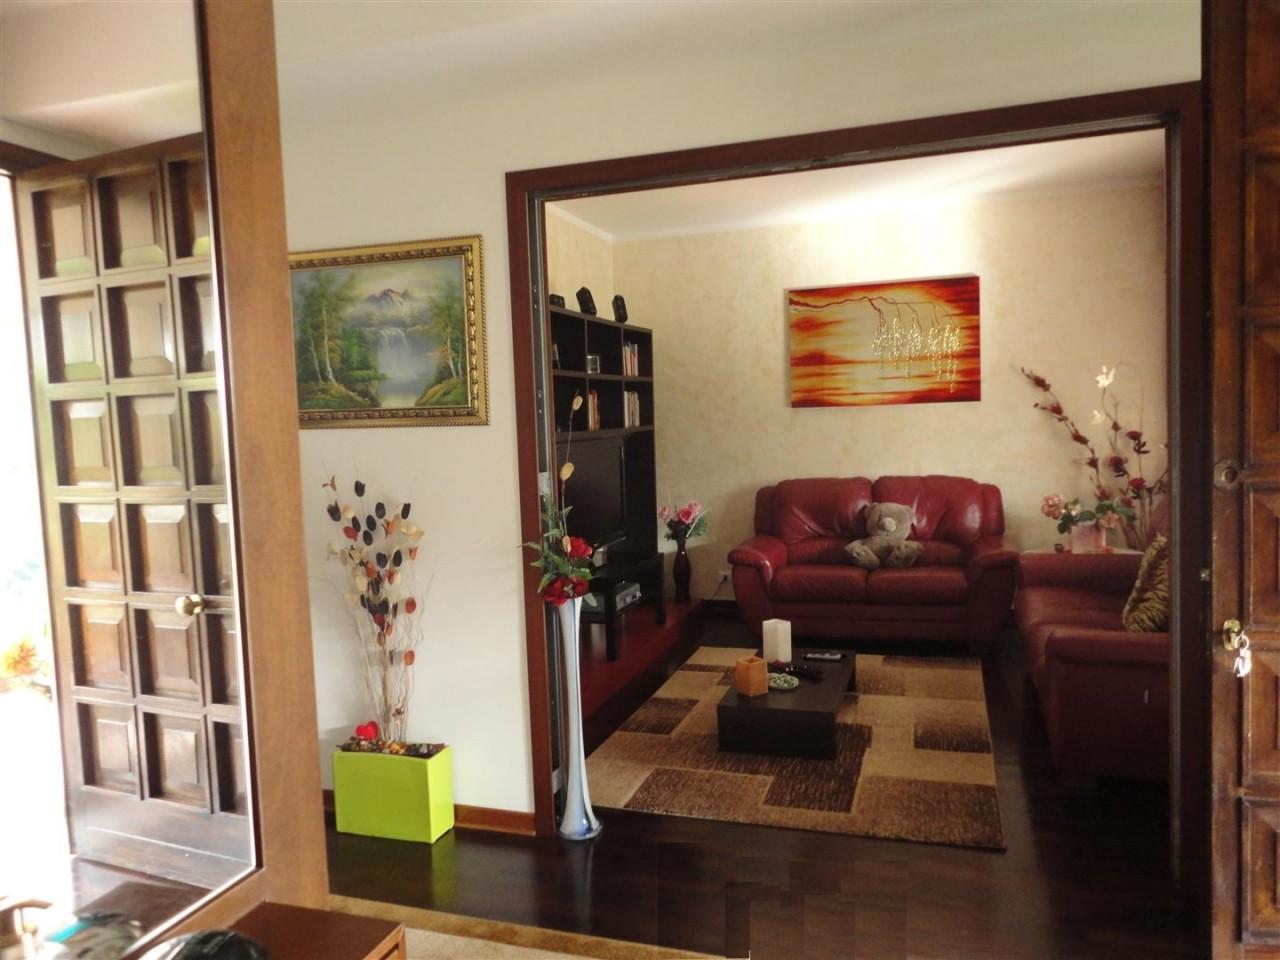 D147 Villa Singola ad Abano Terme con ampio giardino piantumato https://media.gestionaleimmobiliare.it/foto/annunci/141016/725241/1280x1280/002__05_ingresso.jpg